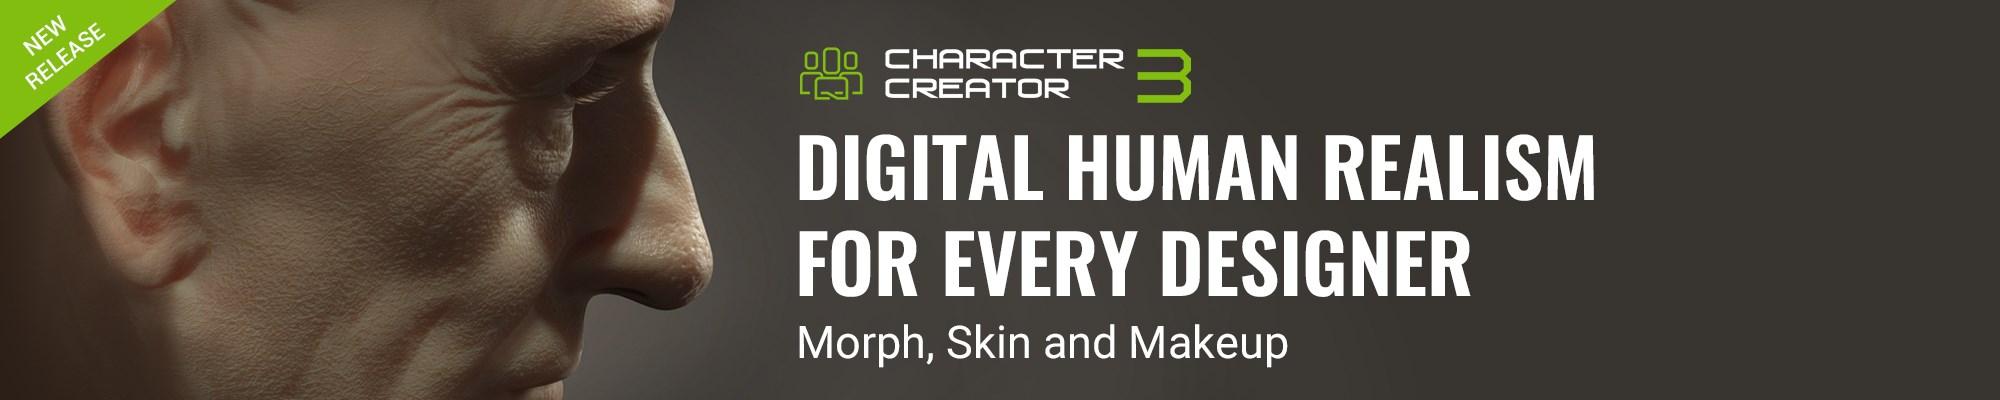 Ultimate Digital Human